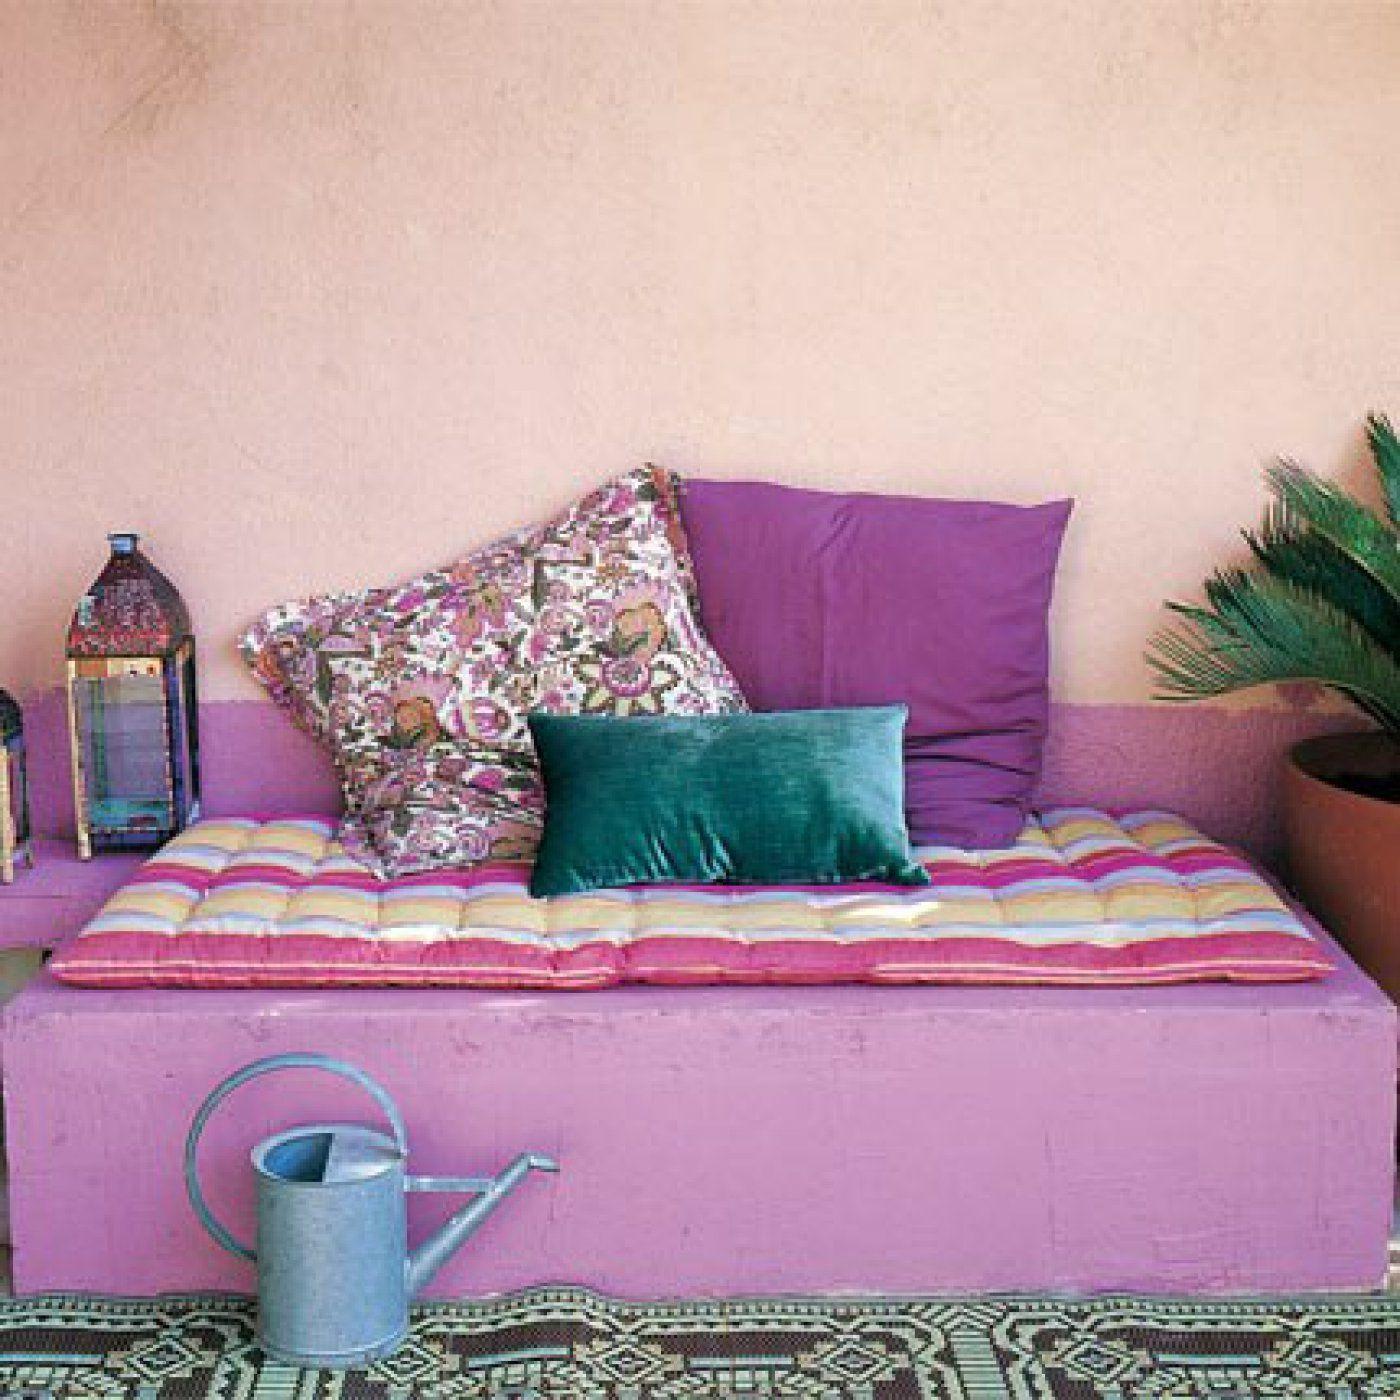 fabriquer une banquette en b ton cellulaire pinterest. Black Bedroom Furniture Sets. Home Design Ideas